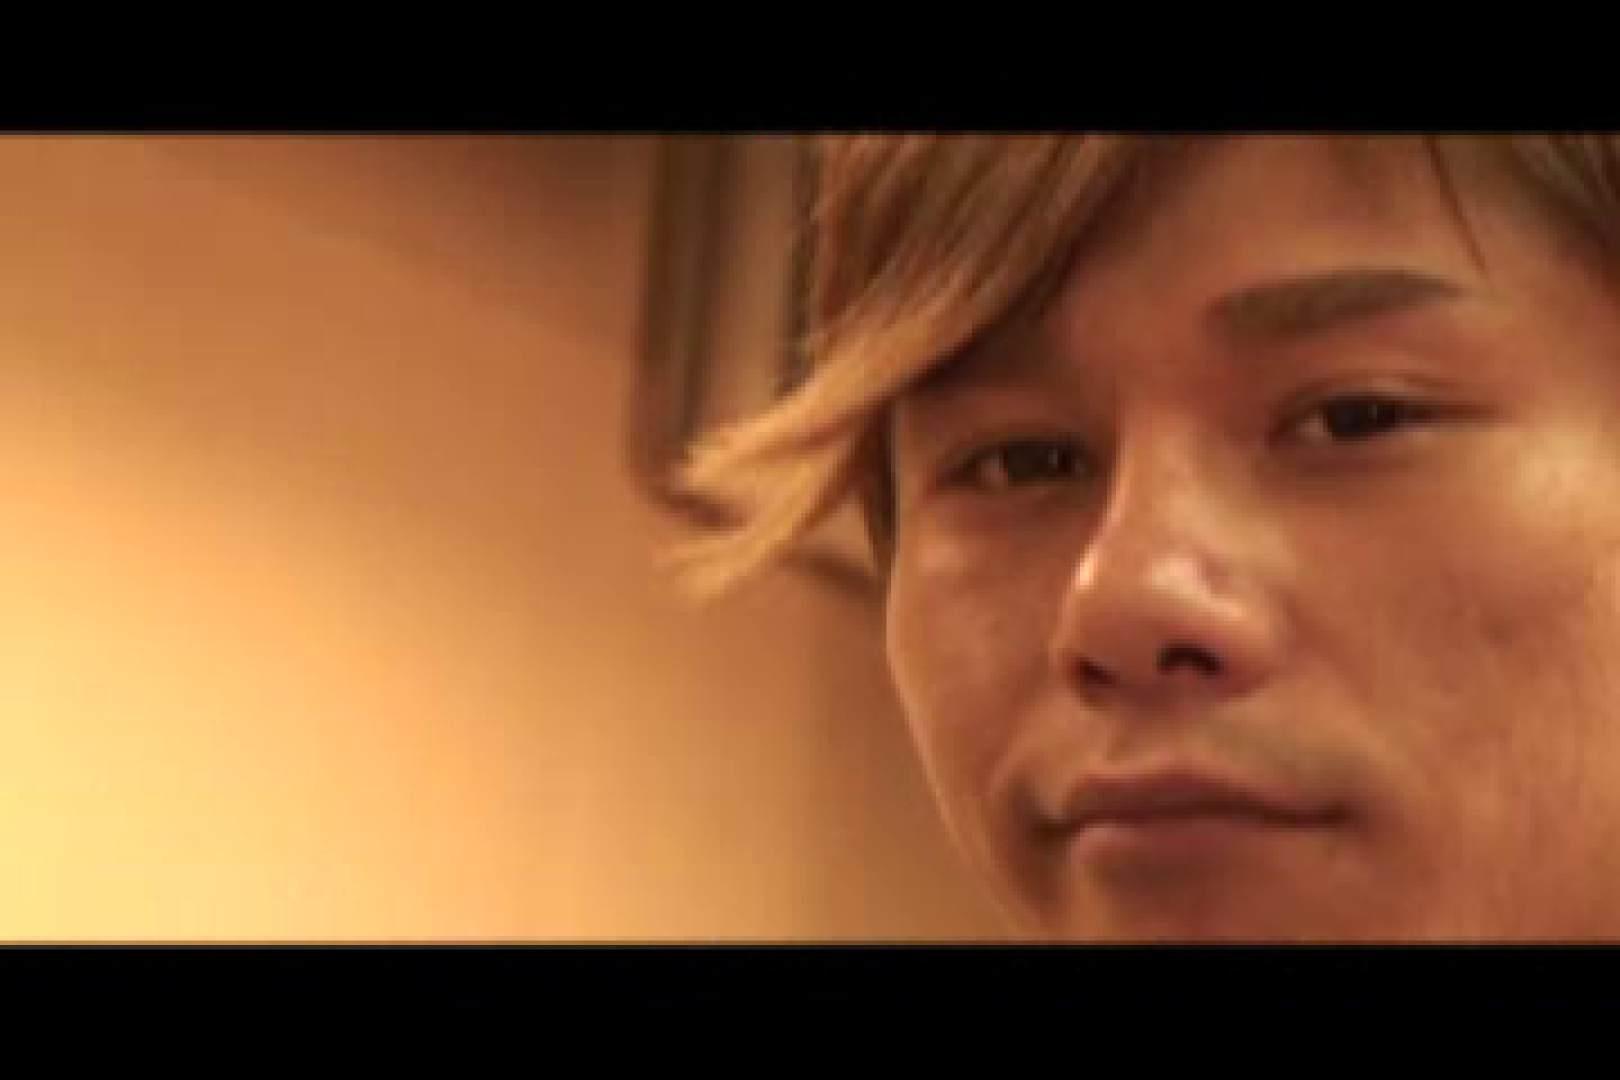 イケメン,s VOL.6 フェラ天国 ゲイ素人エロ画像 106pic 6